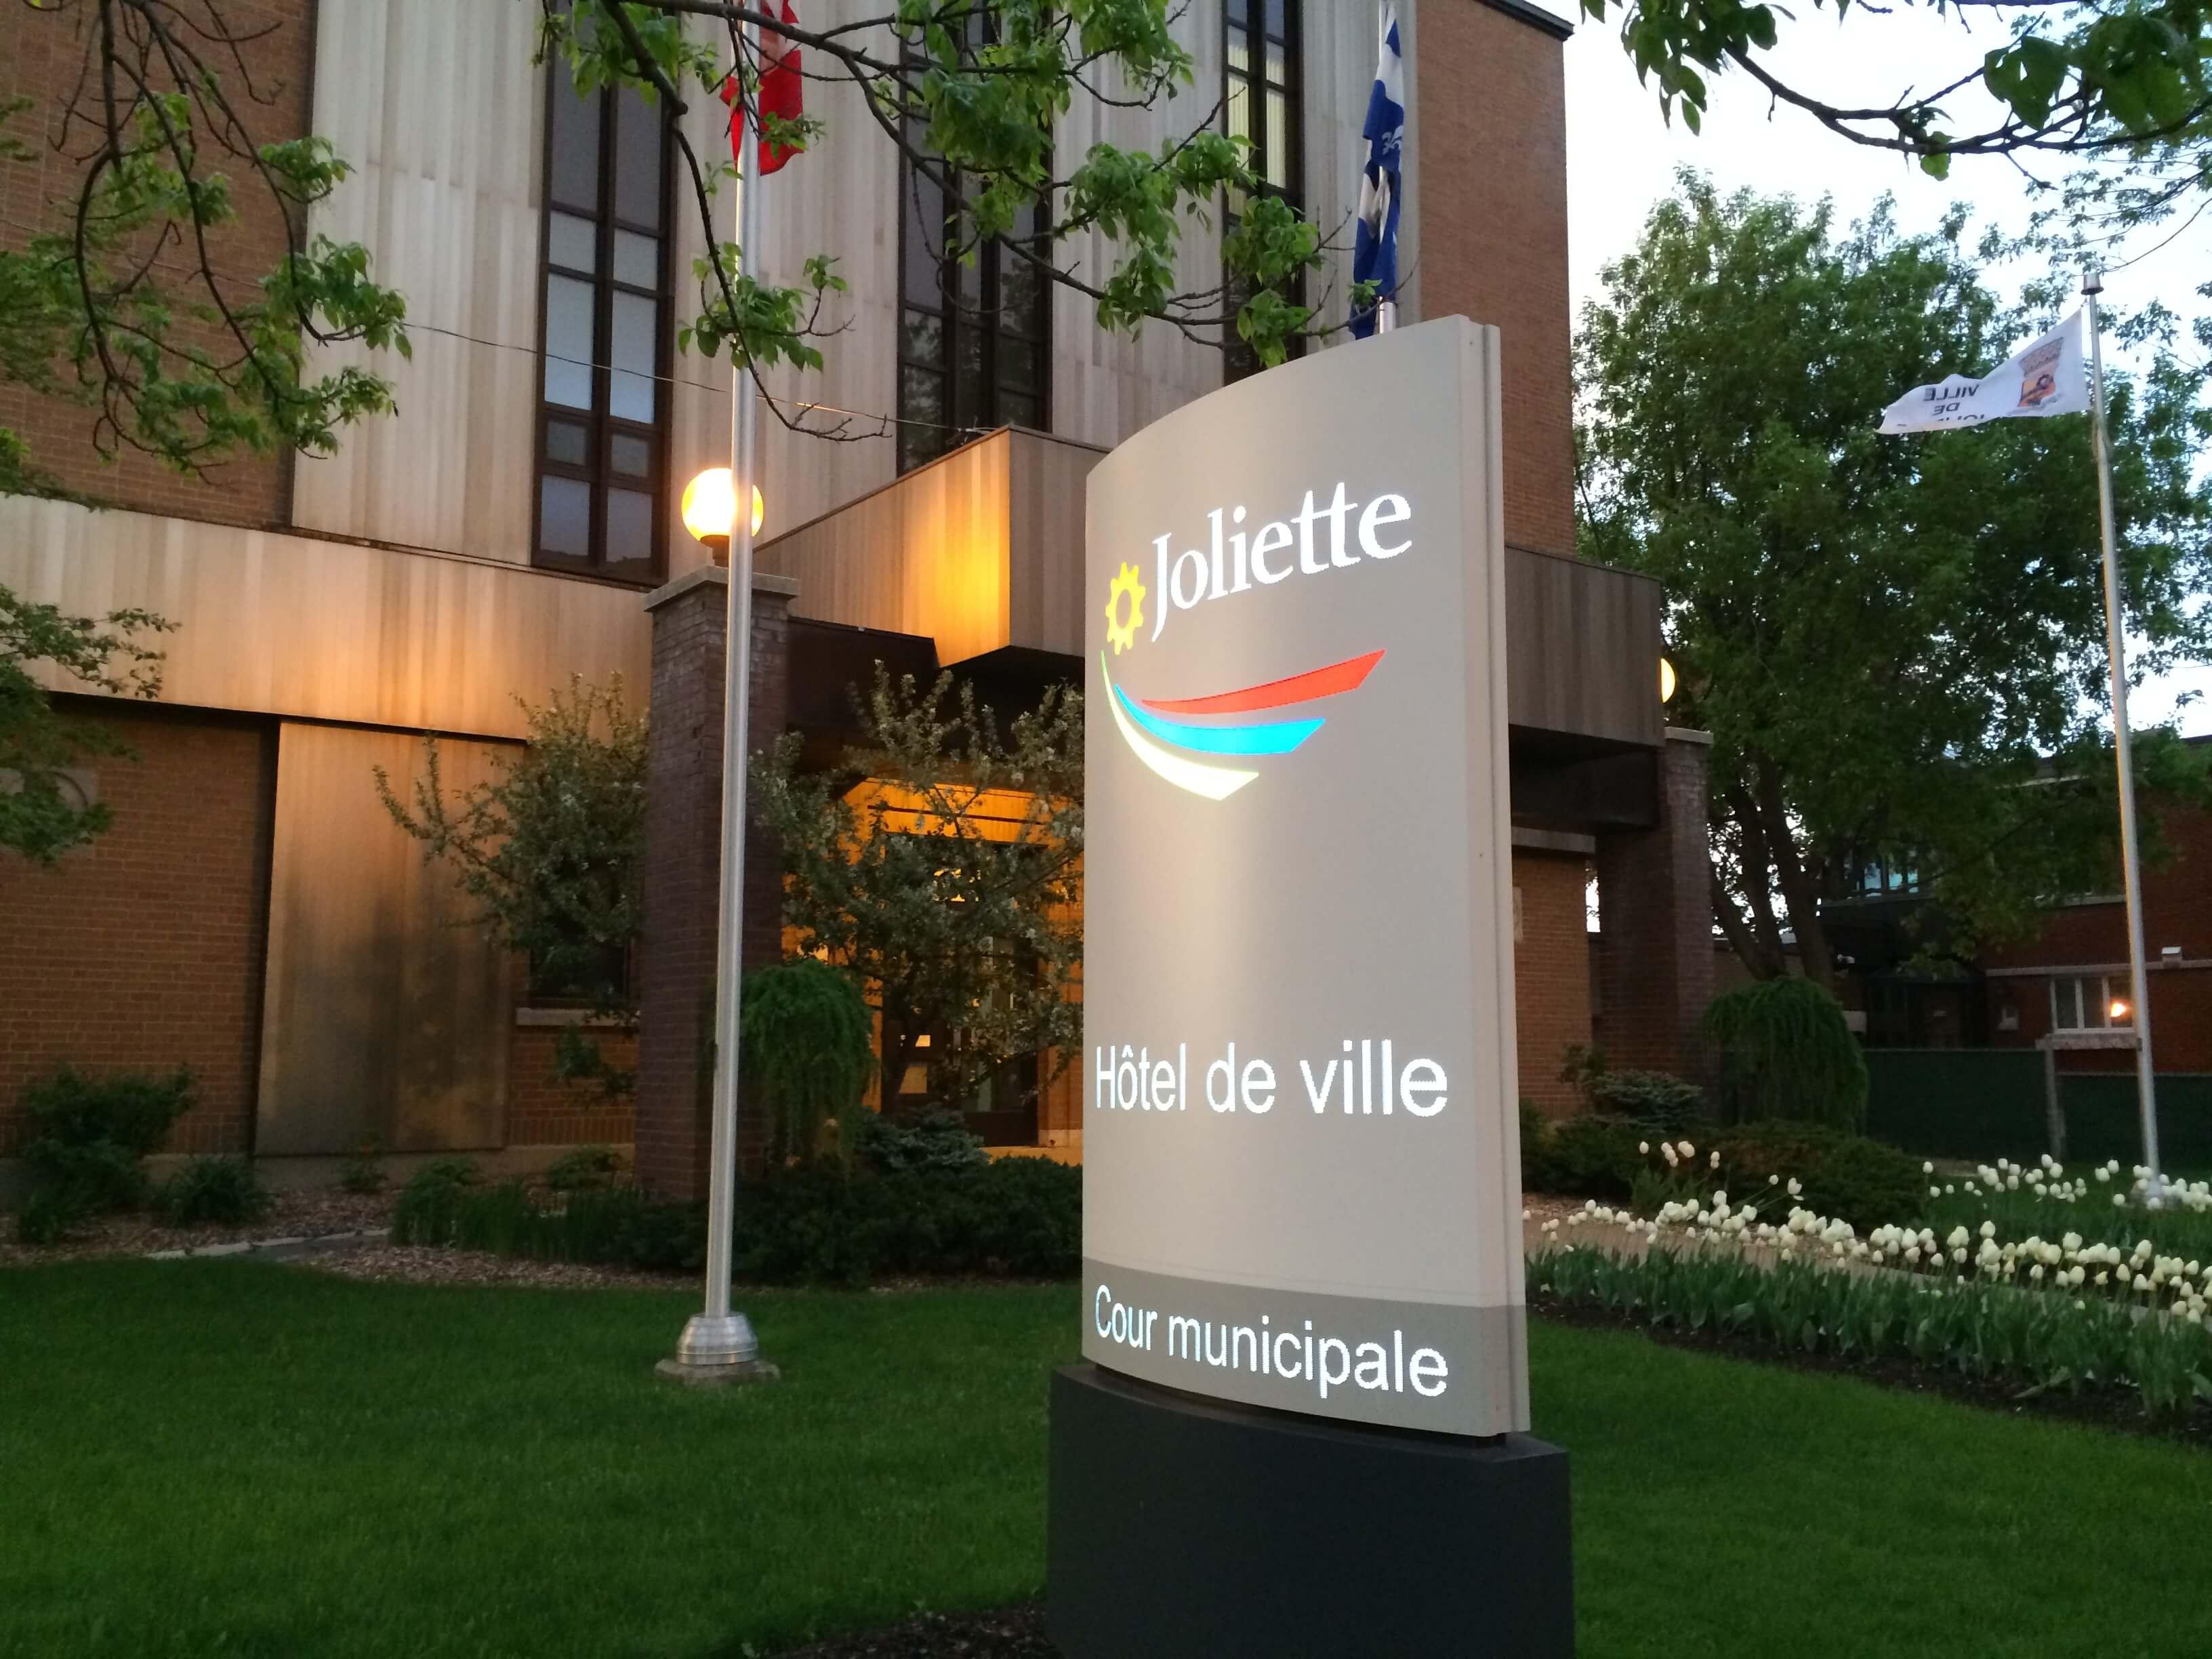 Hôtel de ville Joliette